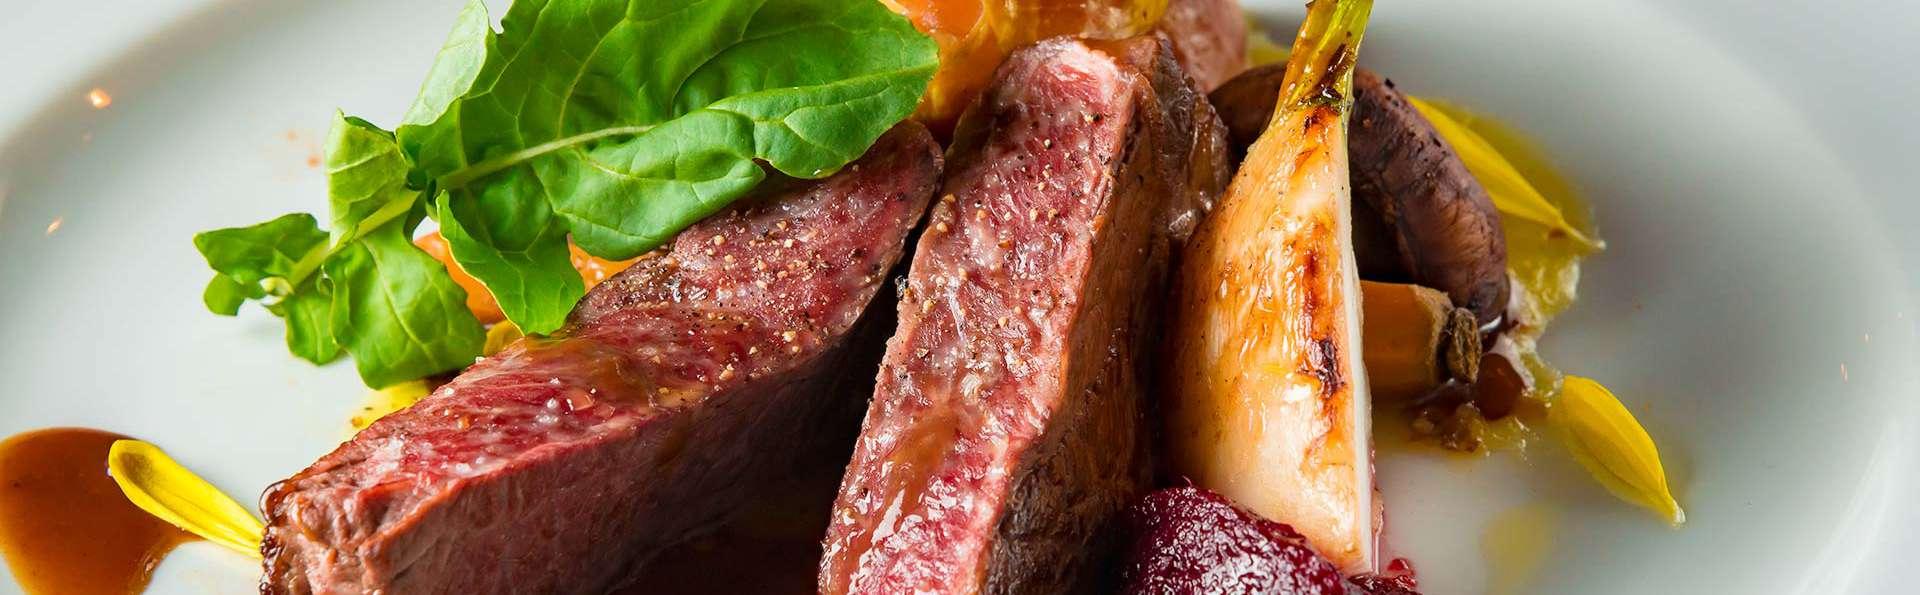 Séjour gastro inroom dinning 2 nuits avec dîners privé en chambre à Houffalize